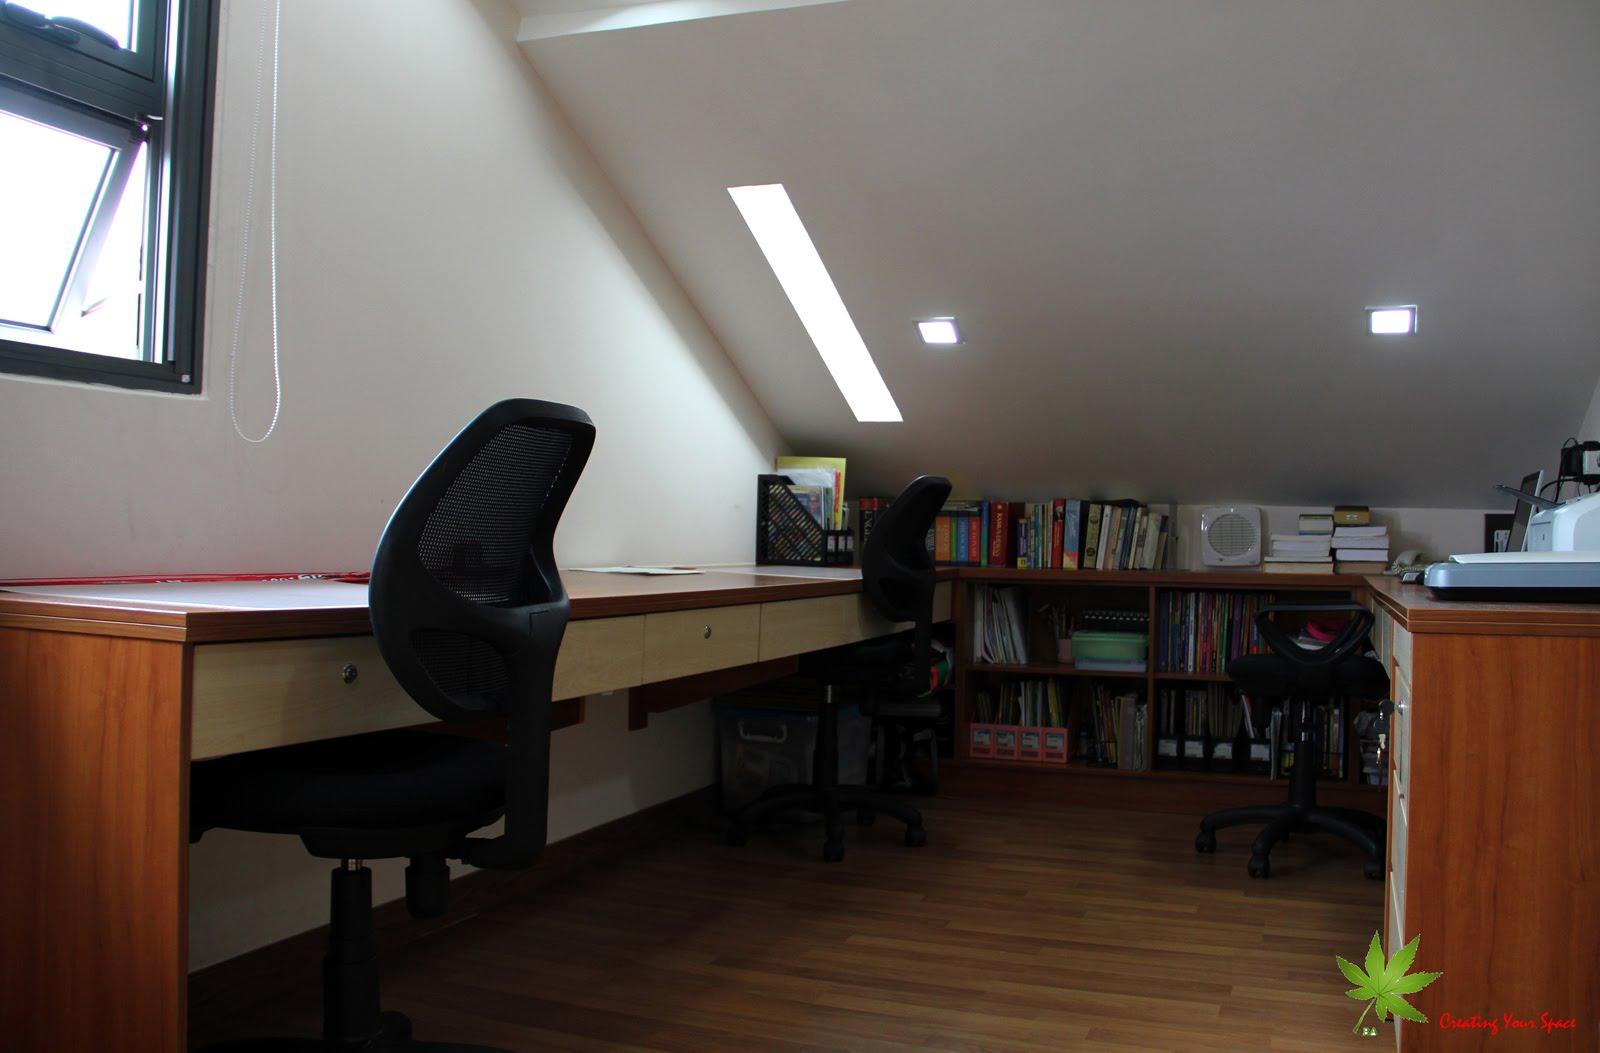 Attic Conversion New Study Room In Attic